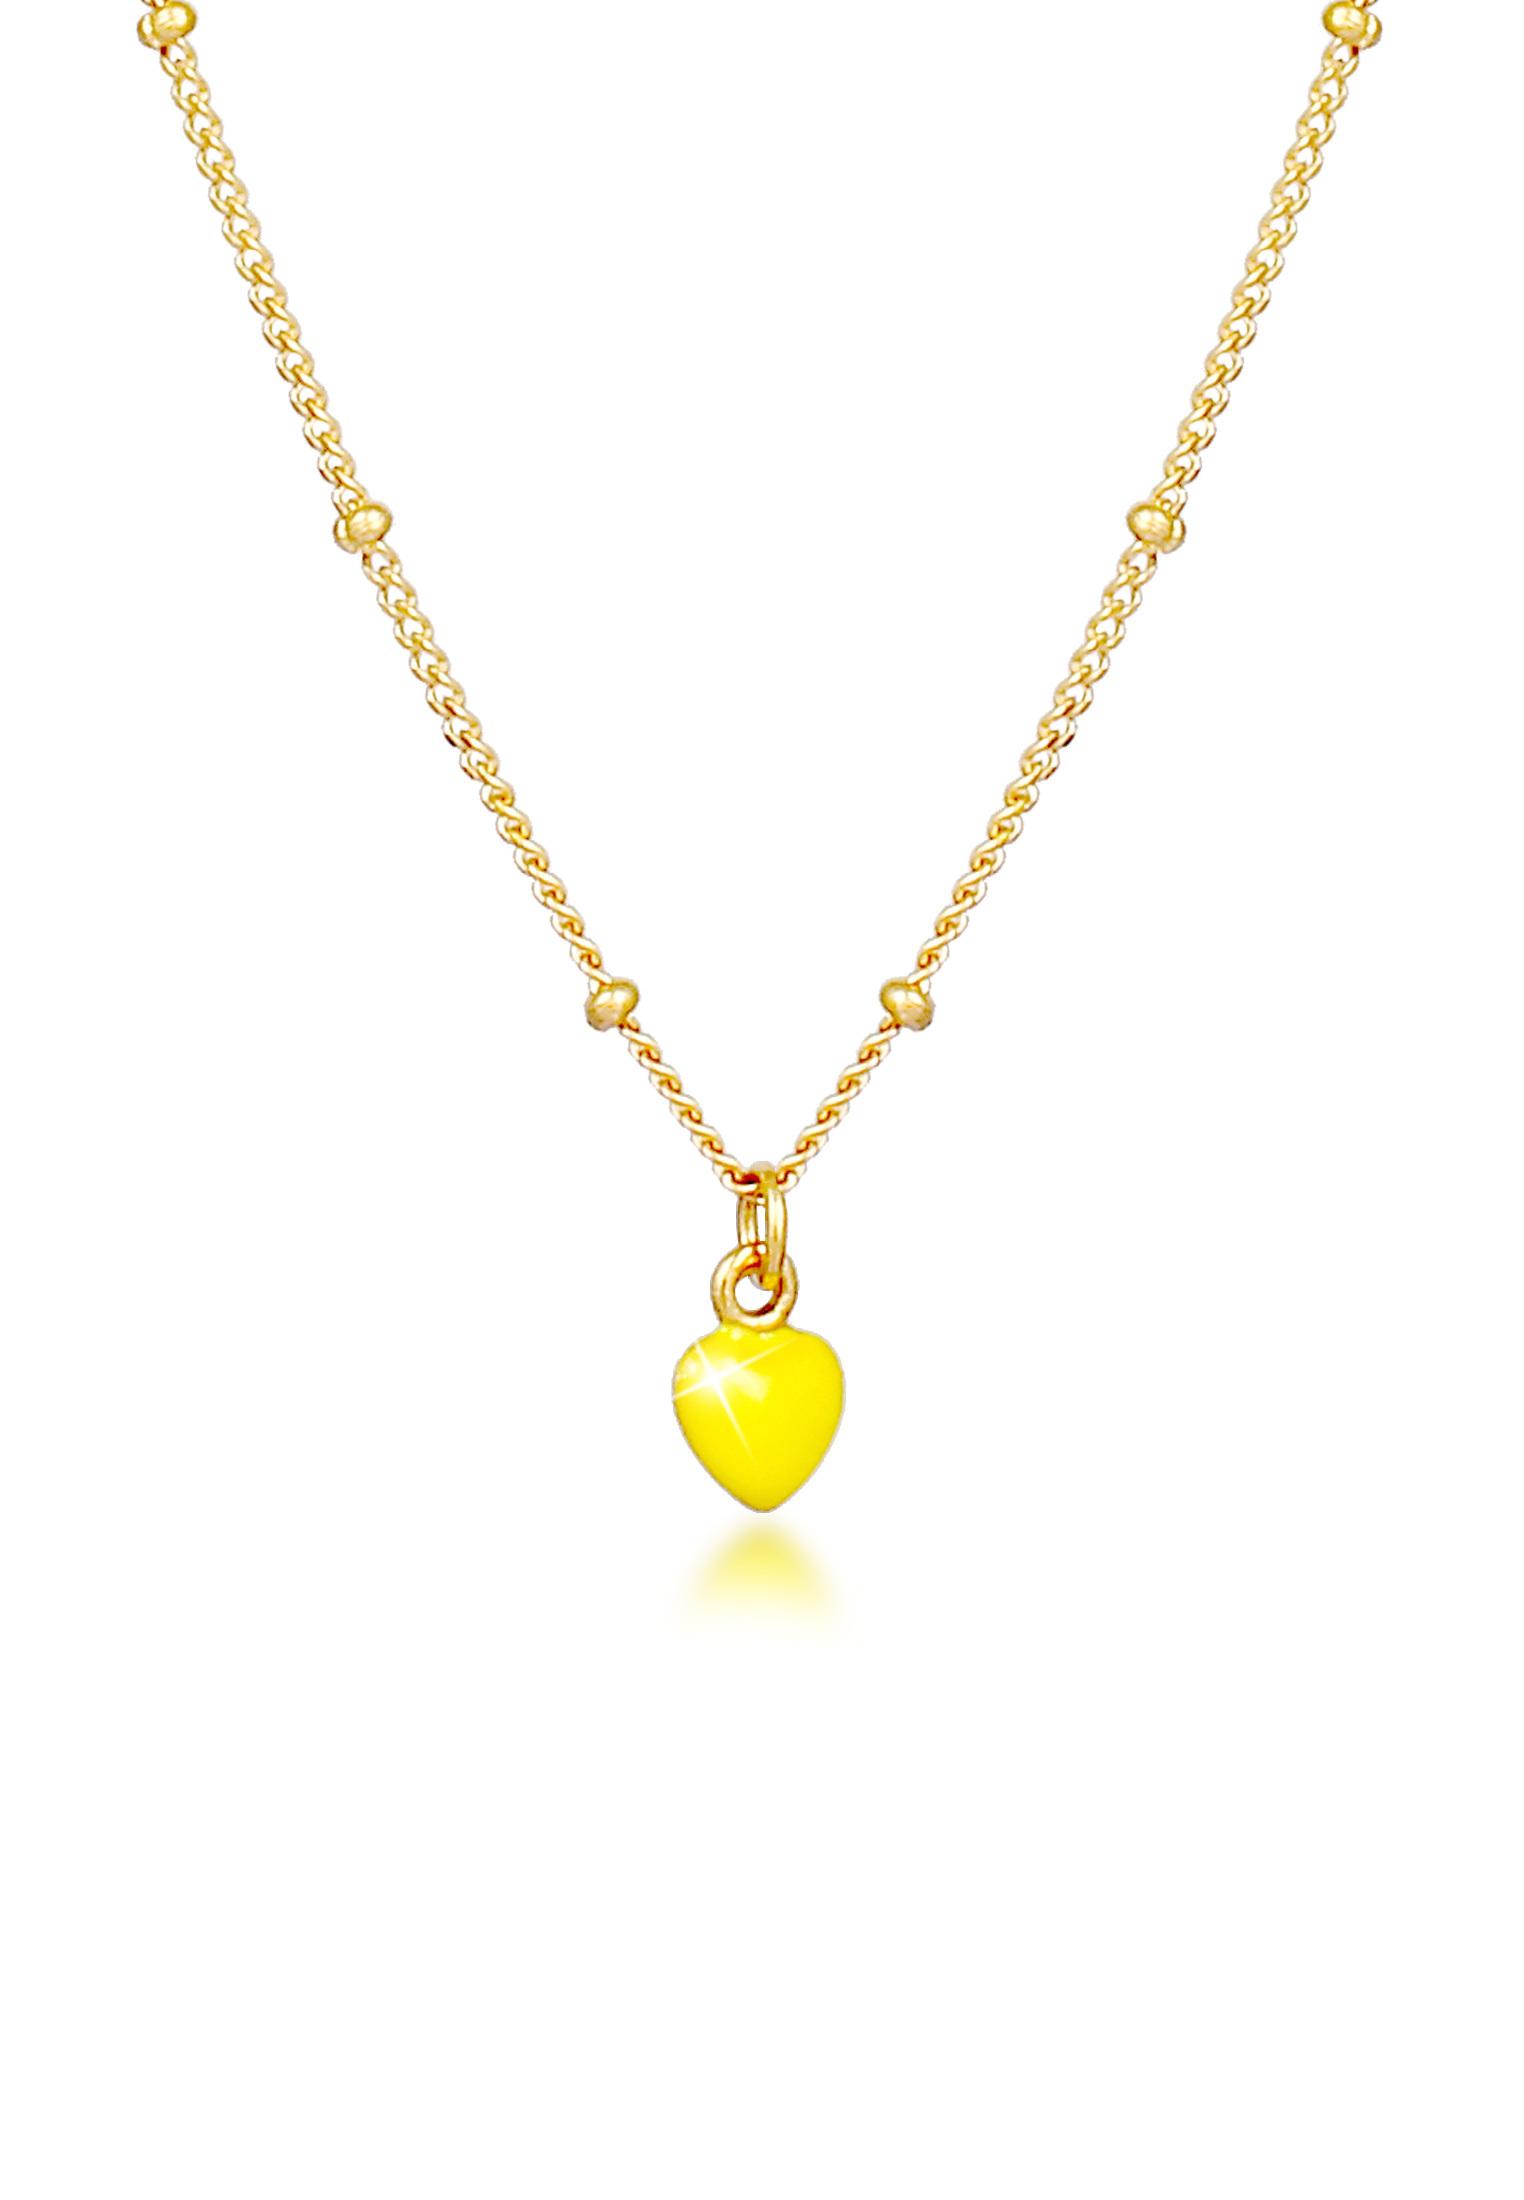 Kugel-Halskette Herz | 925 Sterling Silber vergoldet